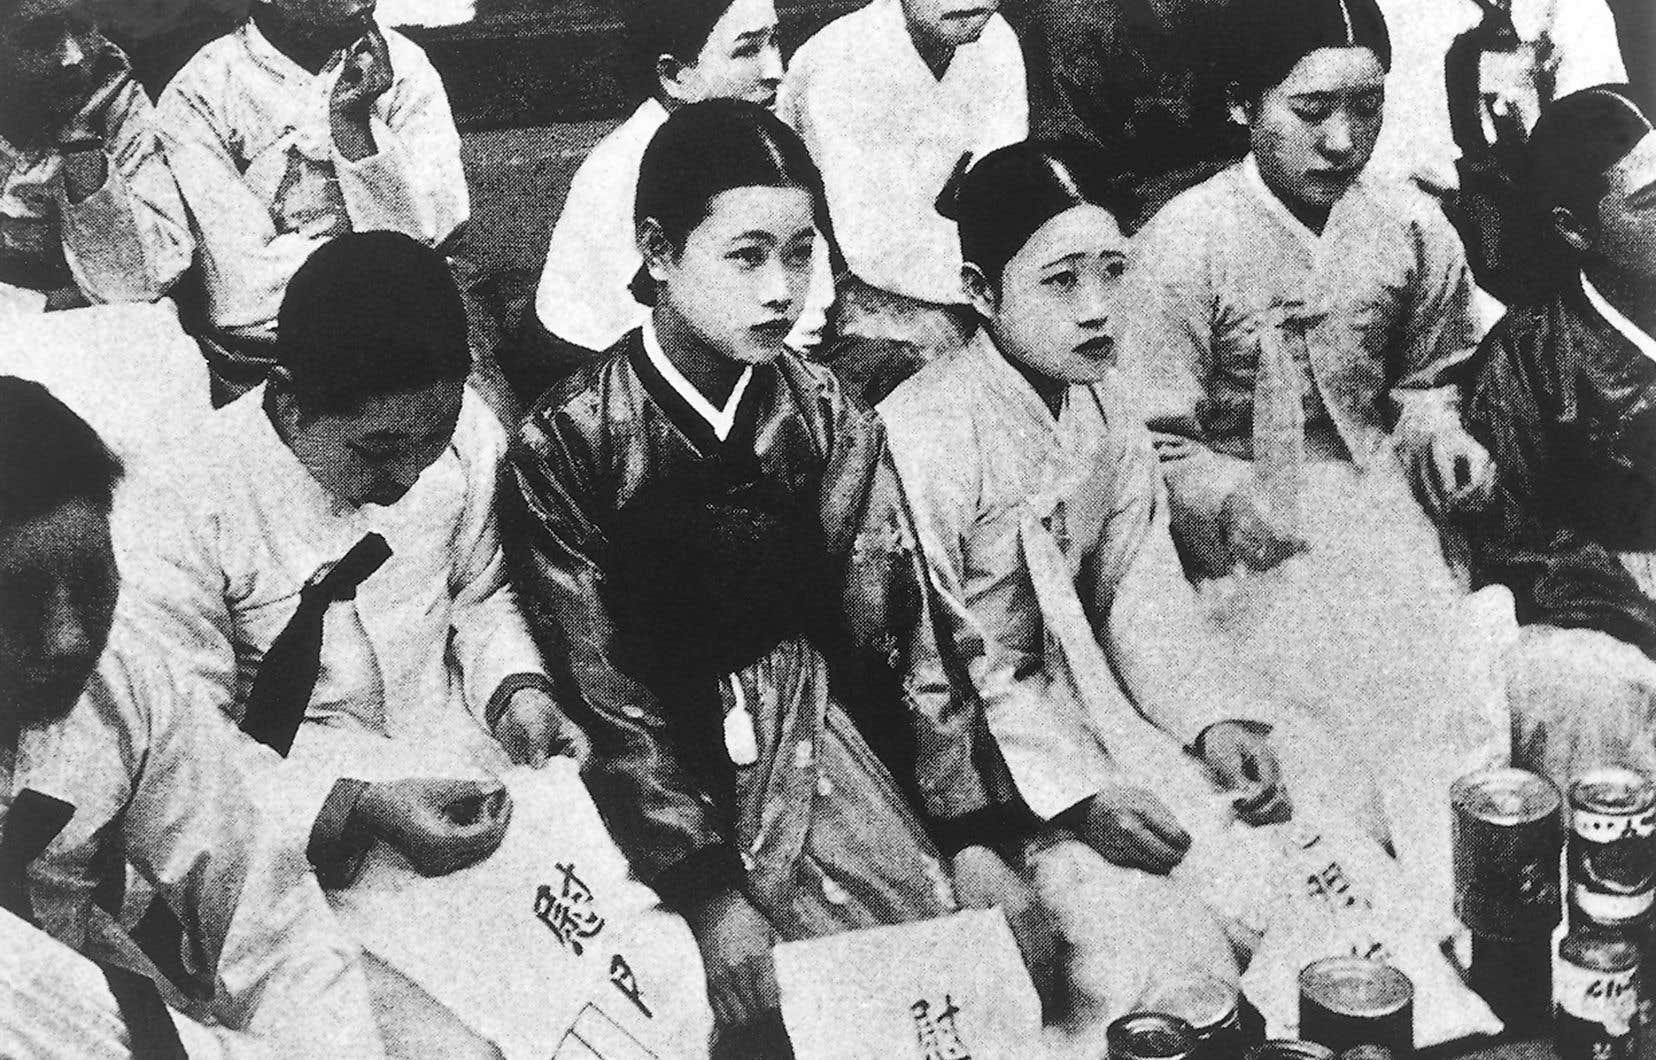 Cette chronologie macabre offre un aperçu des exactions commises en Allemagne et en Italie en 1945, par l'armée impériale japonaise dans les années 1930 et 1940 avec ses «femmes de réconfort».